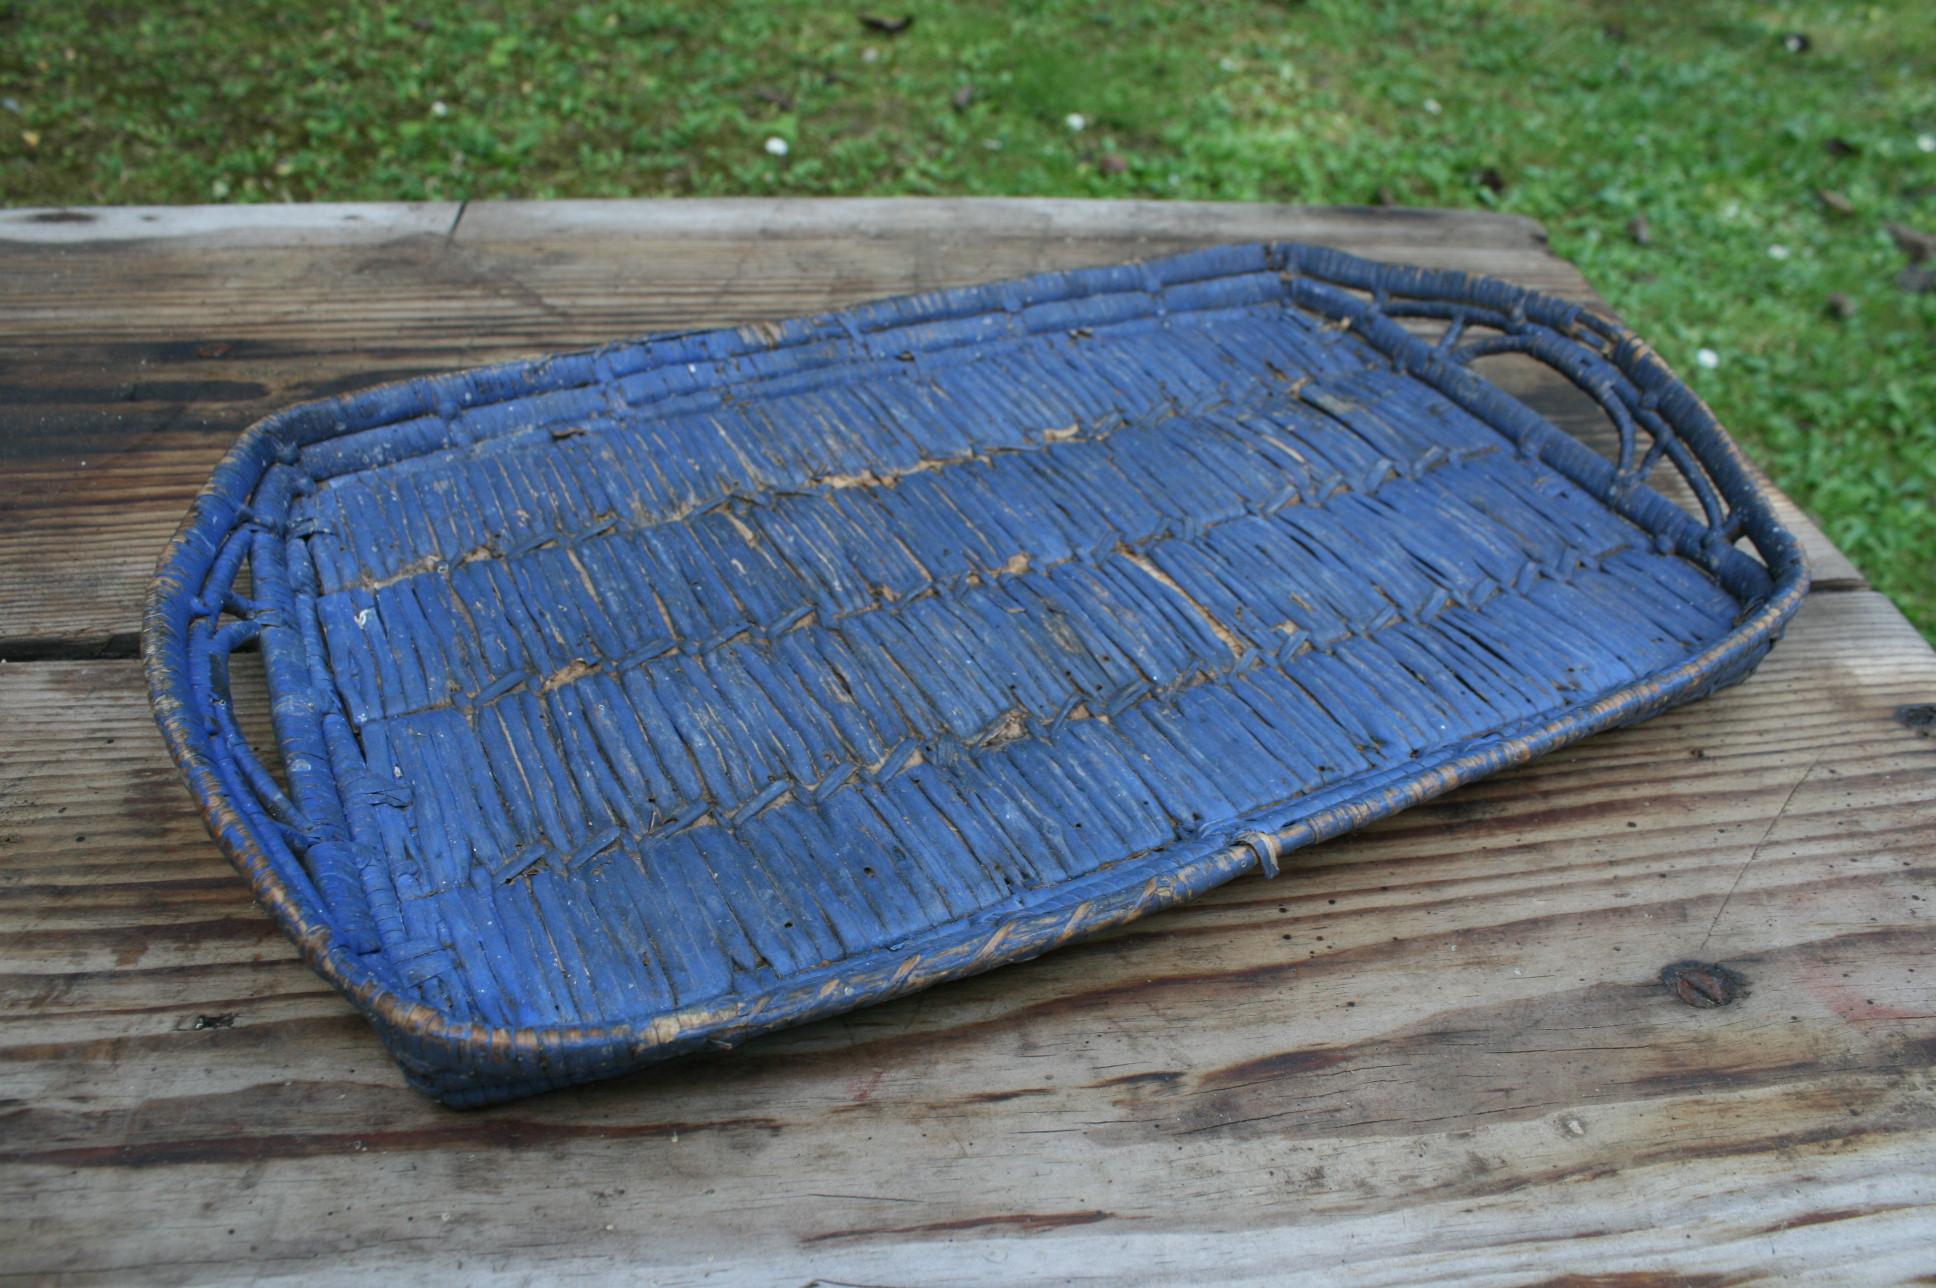 Antik flettet bakke med blå bemaling.